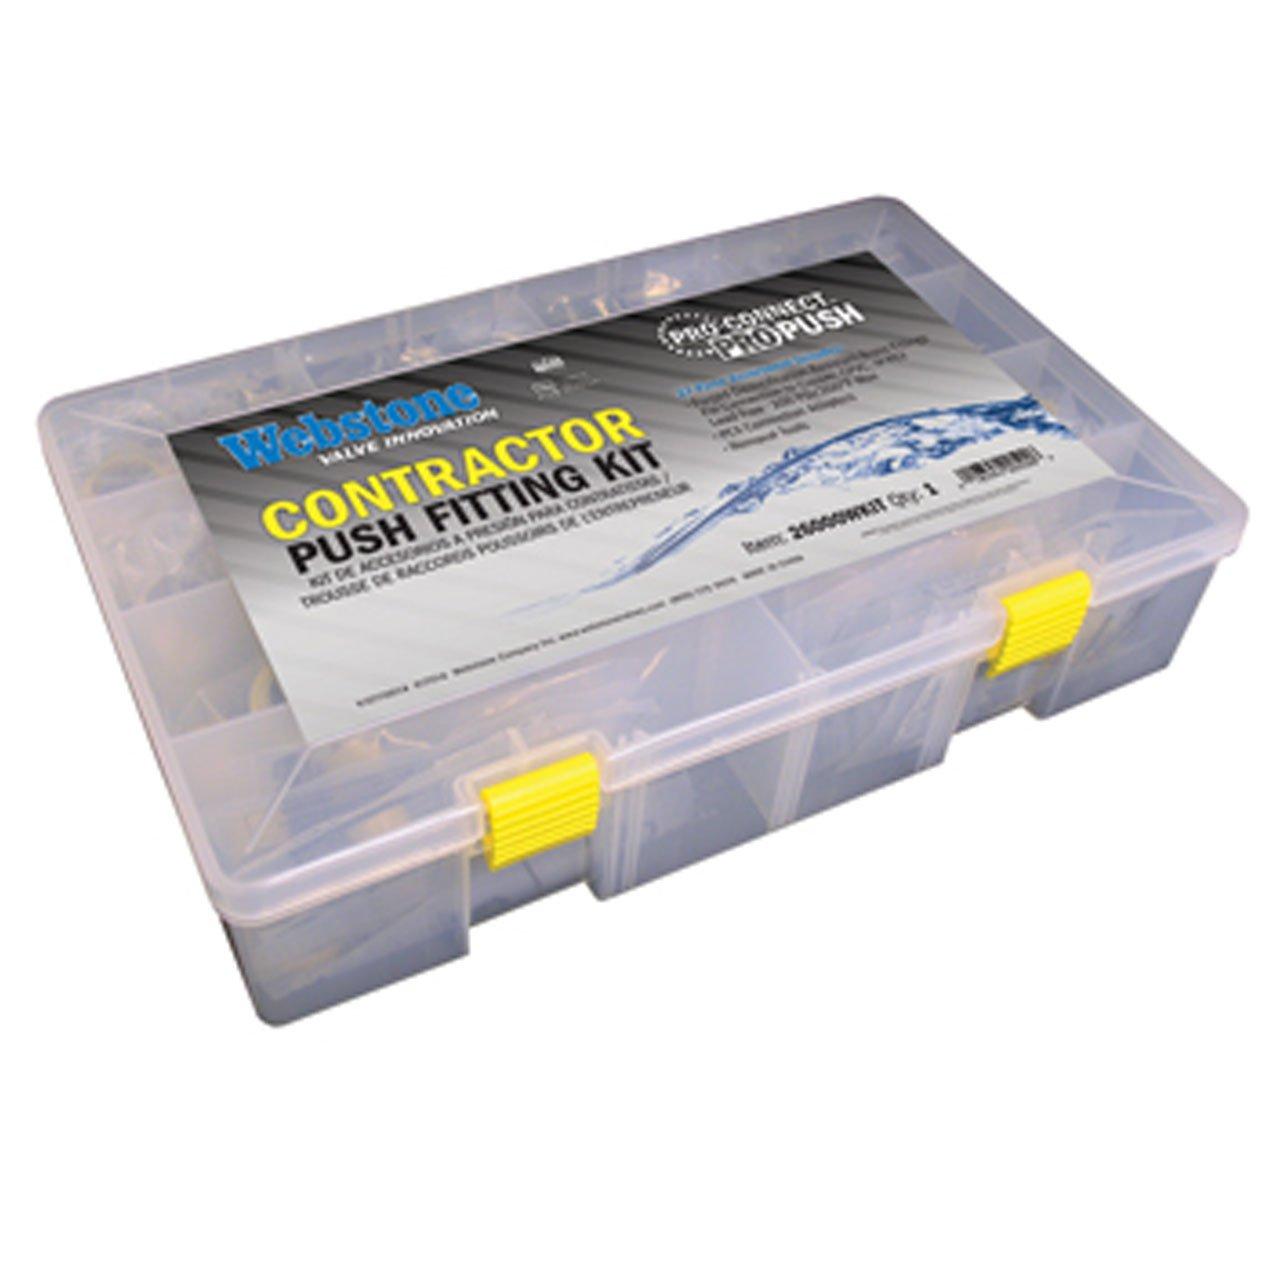 Webstone 26000WKIT Propush Contractor Kit